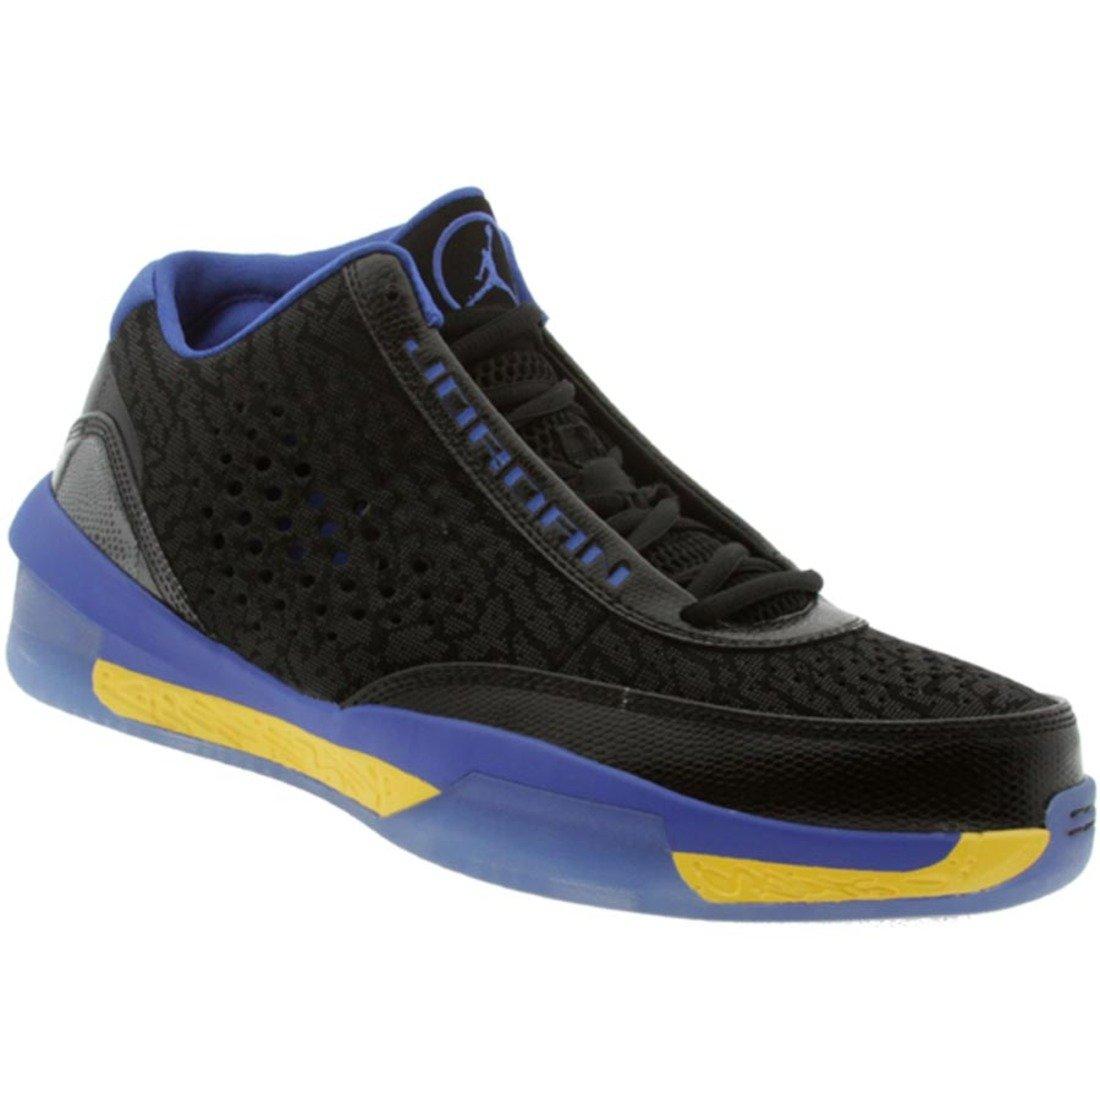 (ナイキ) Nike メンズ Air Jordan 2010 Team black B0047VBBC4   29CM (US 11.0)